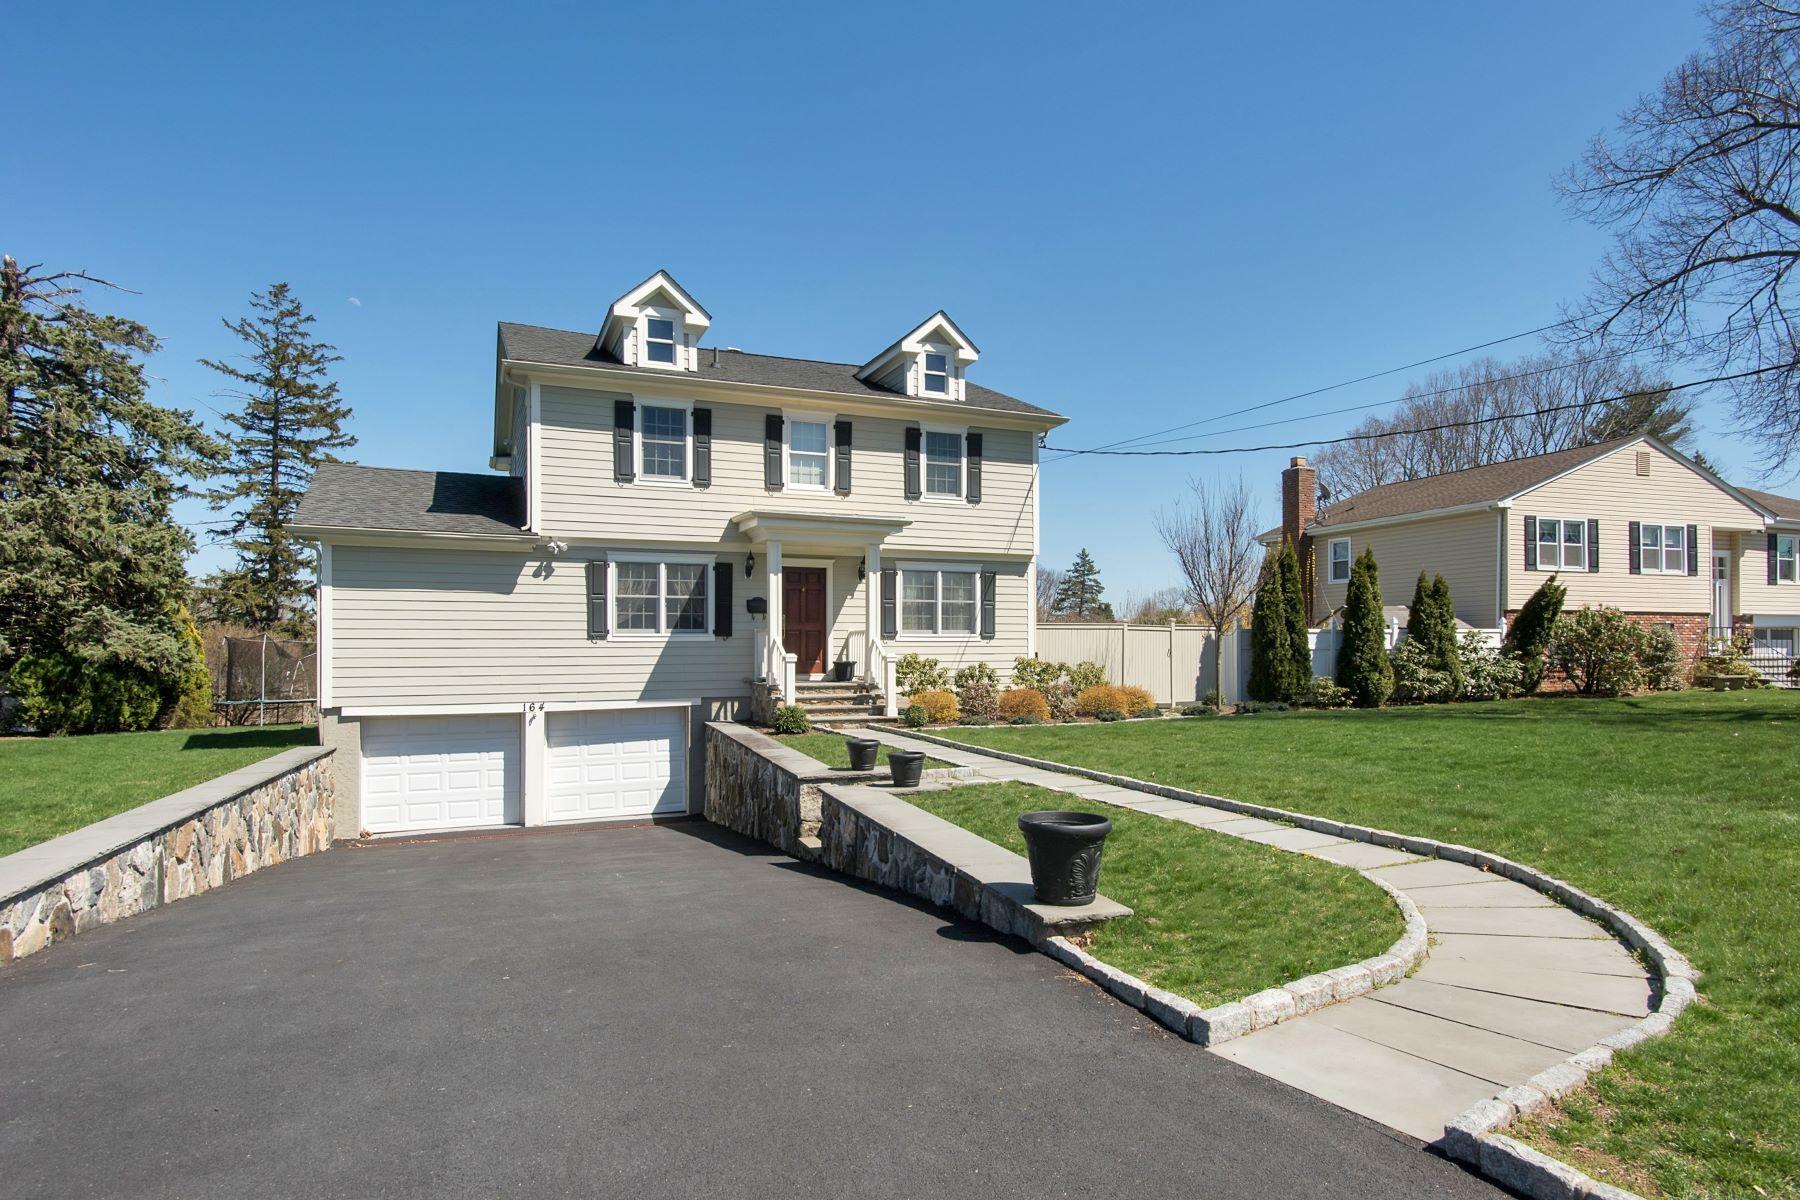 Частный односемейный дом для того Продажа на 164 Pythian Avenue 164 Pythian Avenue Hawthorne, Нью-Йорк 10532 Соединенные Штаты